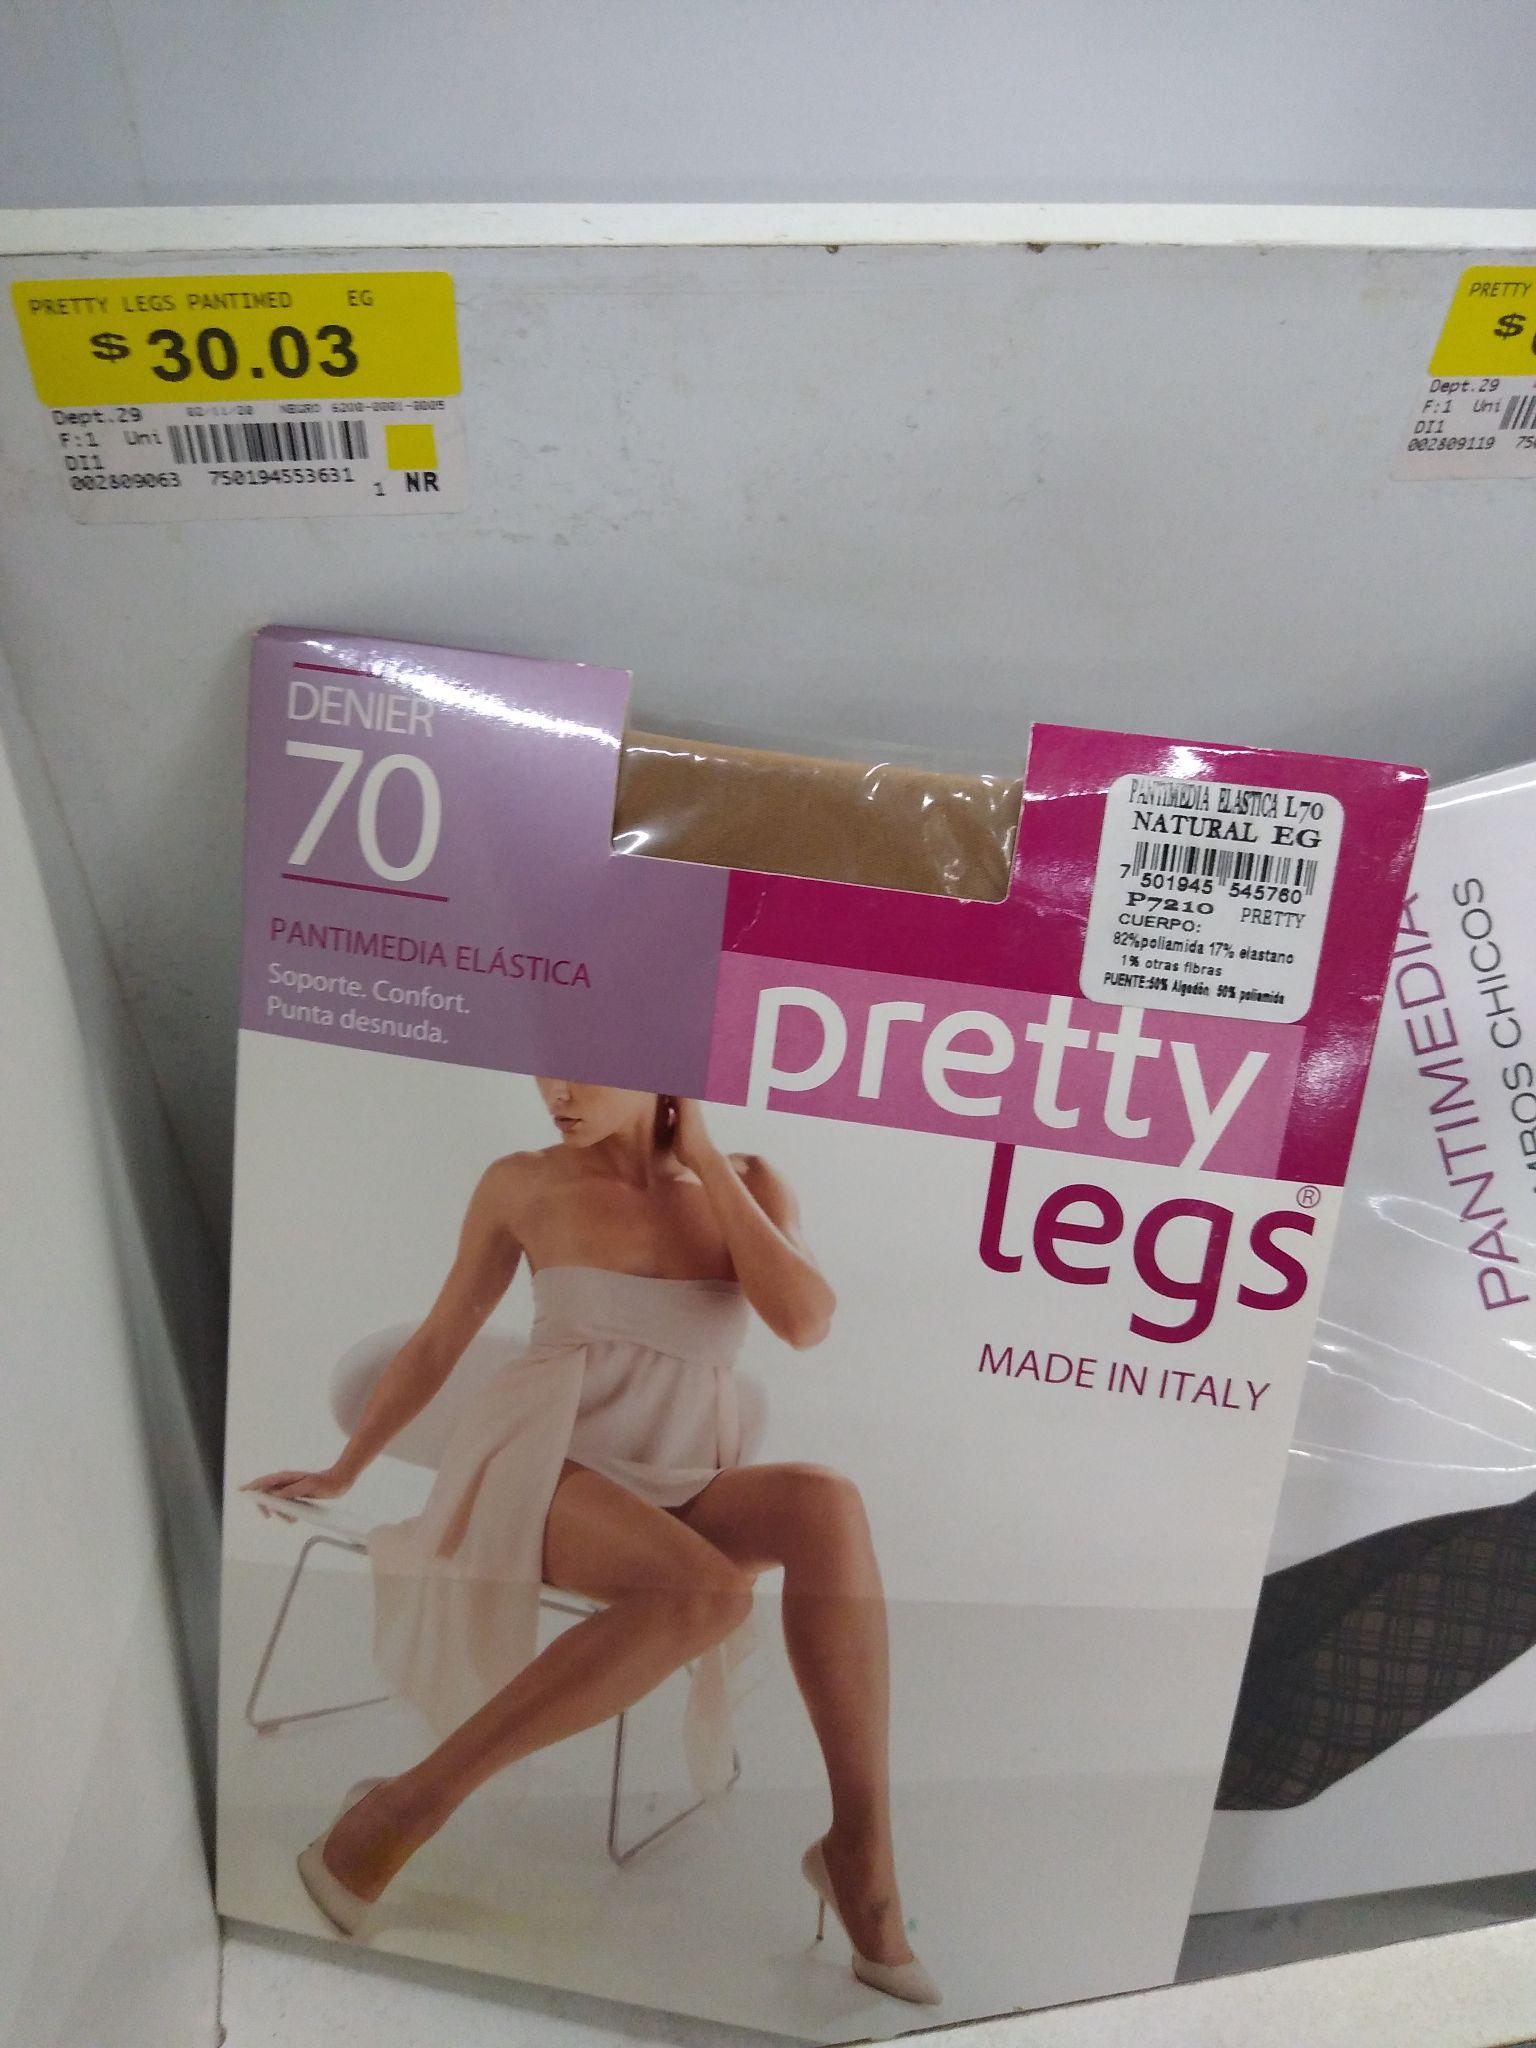 Medias pretty legs en wallmart copilco